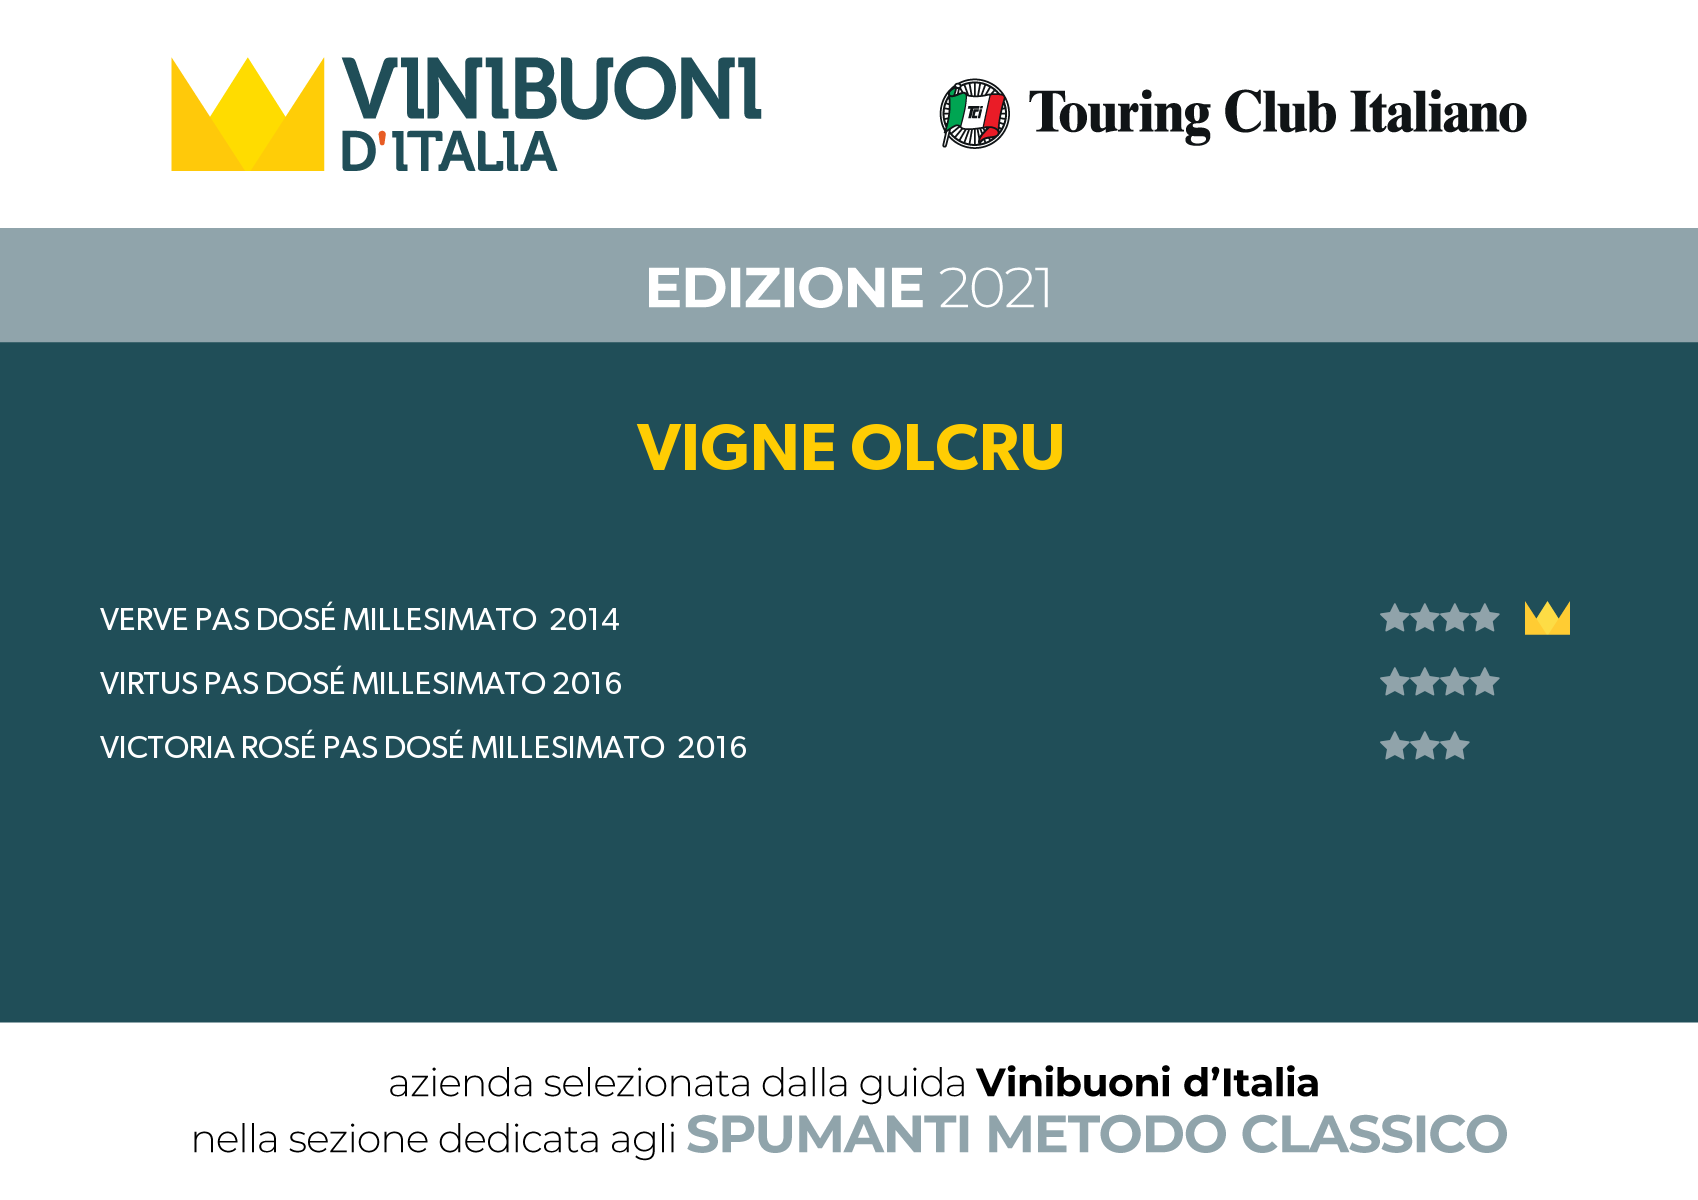 perlage-vinibuoni-15175